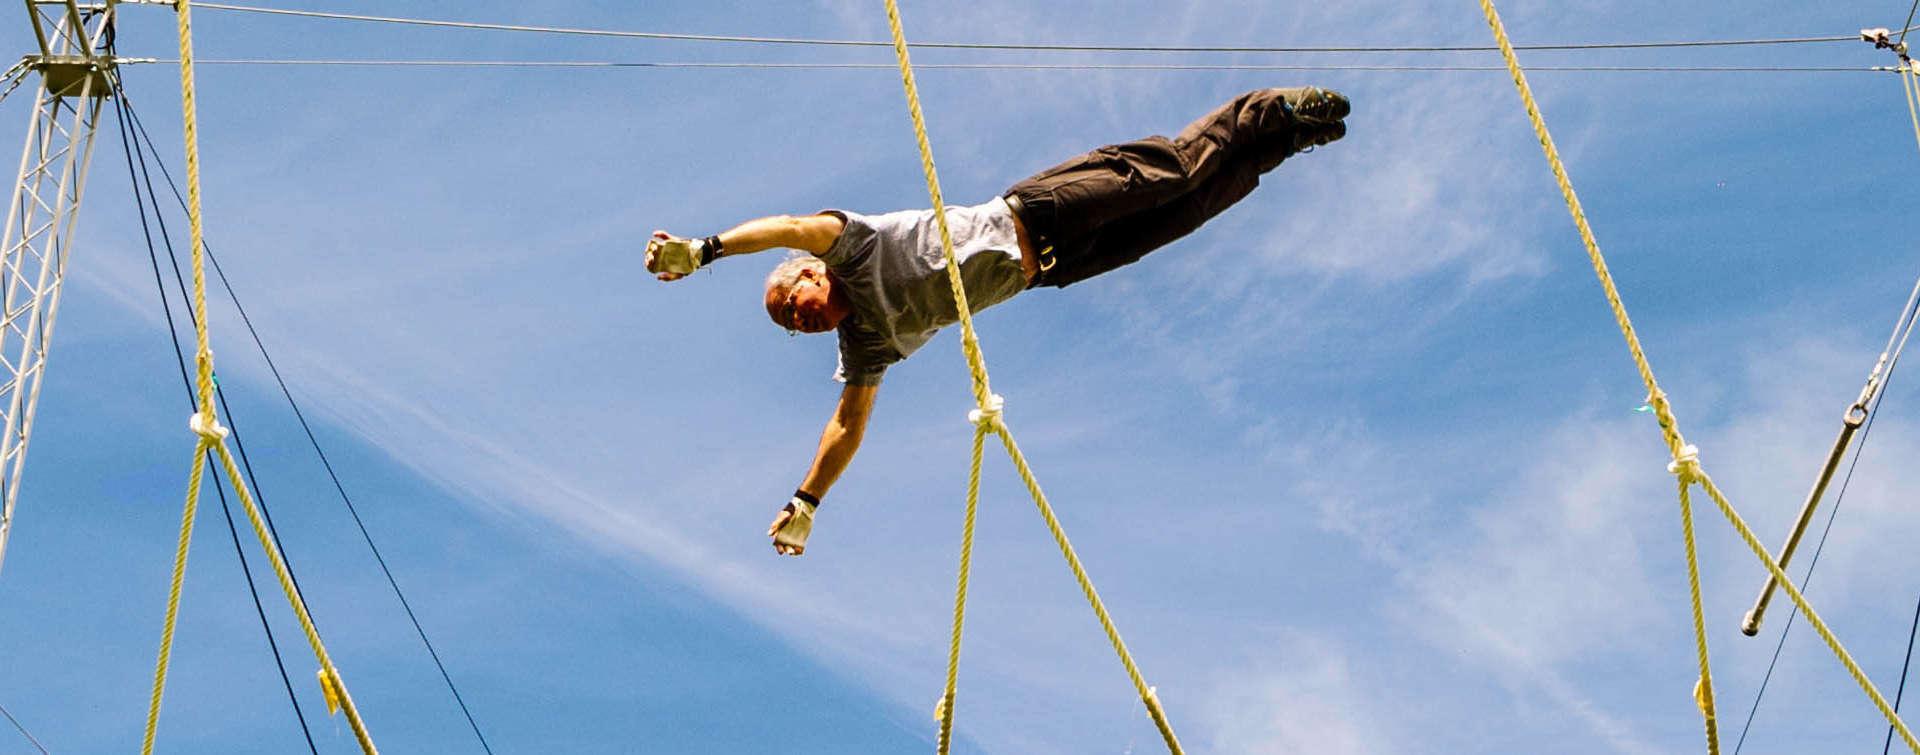 Ecole de trapèze volant